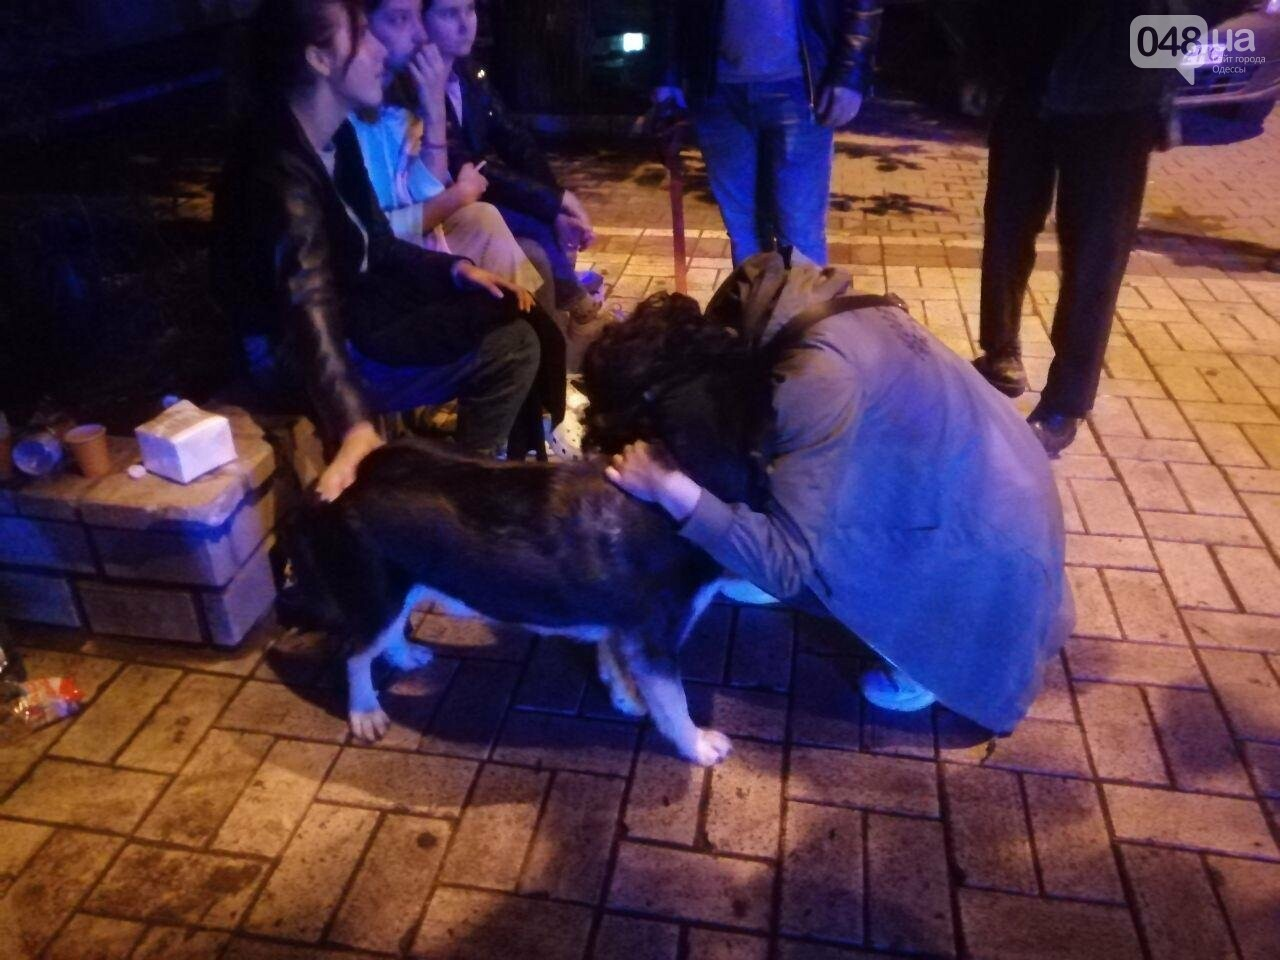 В Одессе горела квартира, 21-летняя девушка в тяжелом состоянии, - ФОТО2